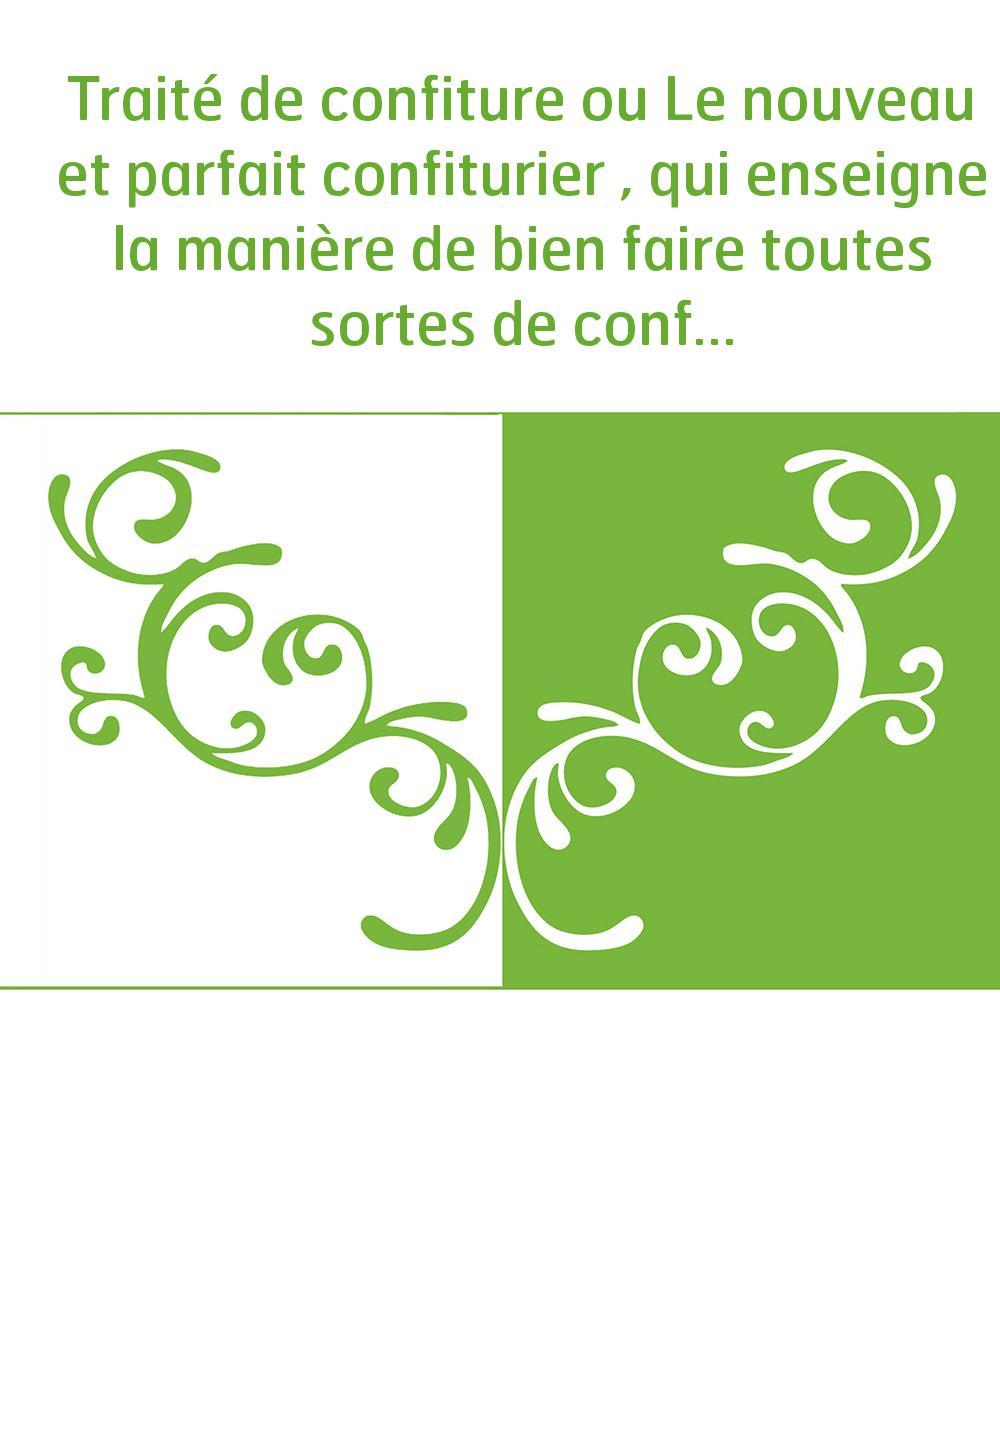 Traité de confiture ou Le nouveau et parfait confiturier , qui enseigne la manière de bien faire toutes sortes de confitures tan